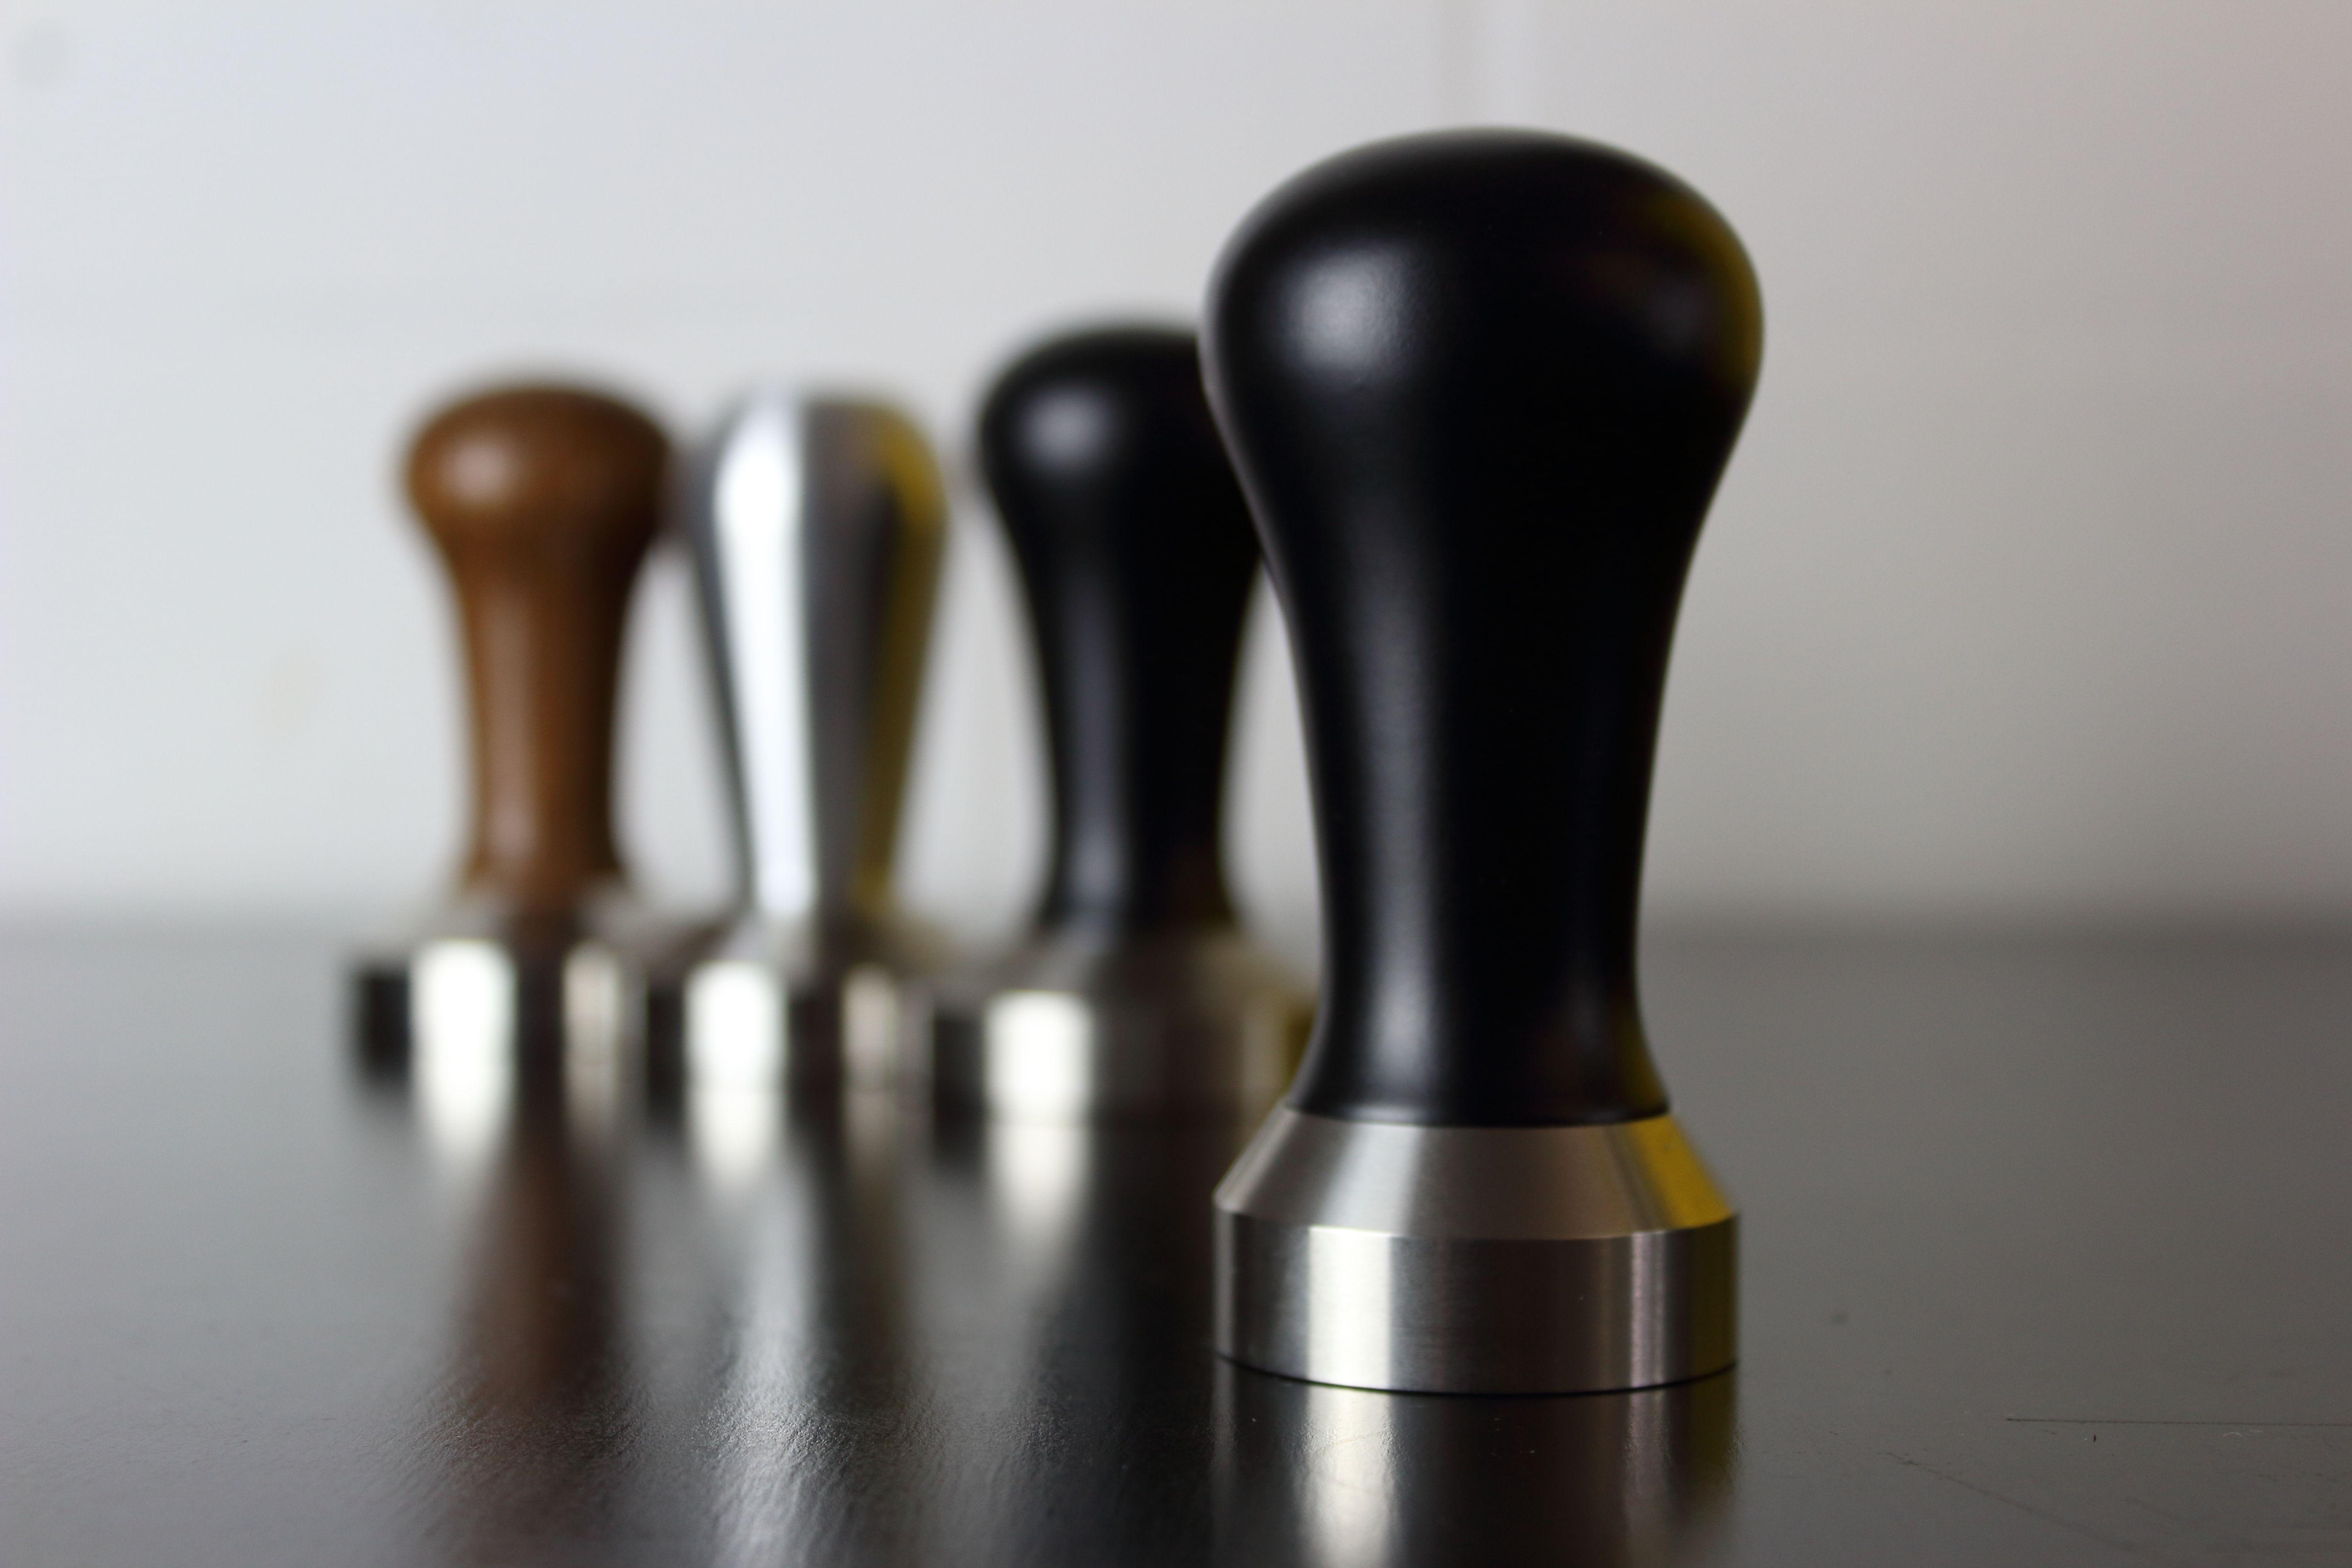 Feine Formen und solide Materialien für